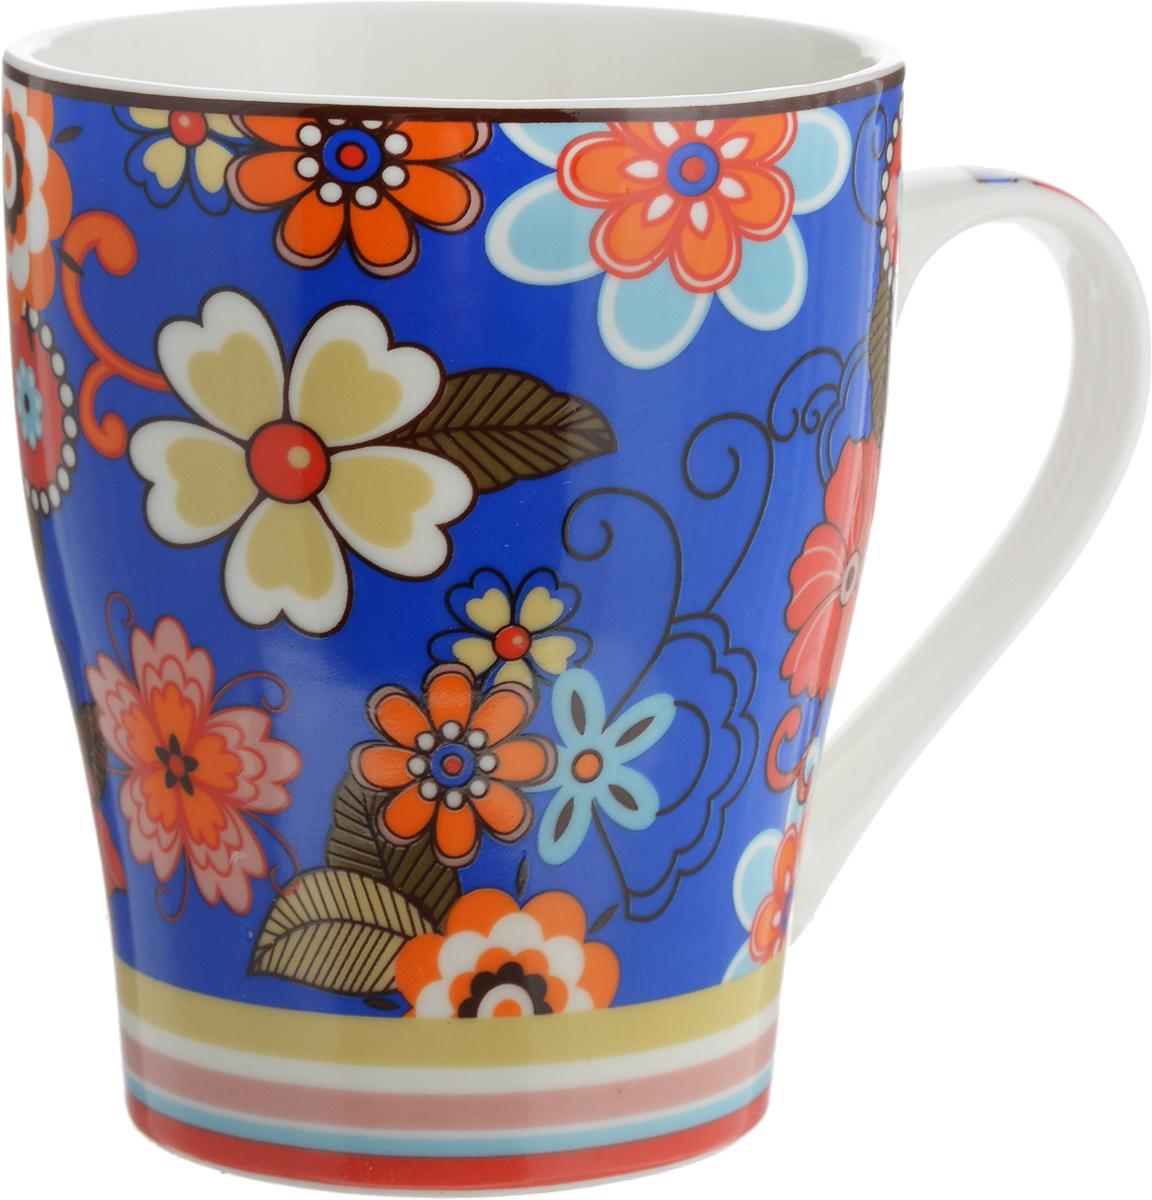 Кружка Доляна Мария, цвет: синий, красный, 300 мл115510Кружка Доляна Мария изготовлена из высококачественной керамики. Изделие оформлено красочным рисунком и покрыто превосходной сверкающей глазурью. Изысканная кружка прекрасно оформит стол к чаепитию и станет его неизменным атрибутом.Диаметр кружки (по верхнему краю): 8,5 см.Высота кружки: 10,5 см.